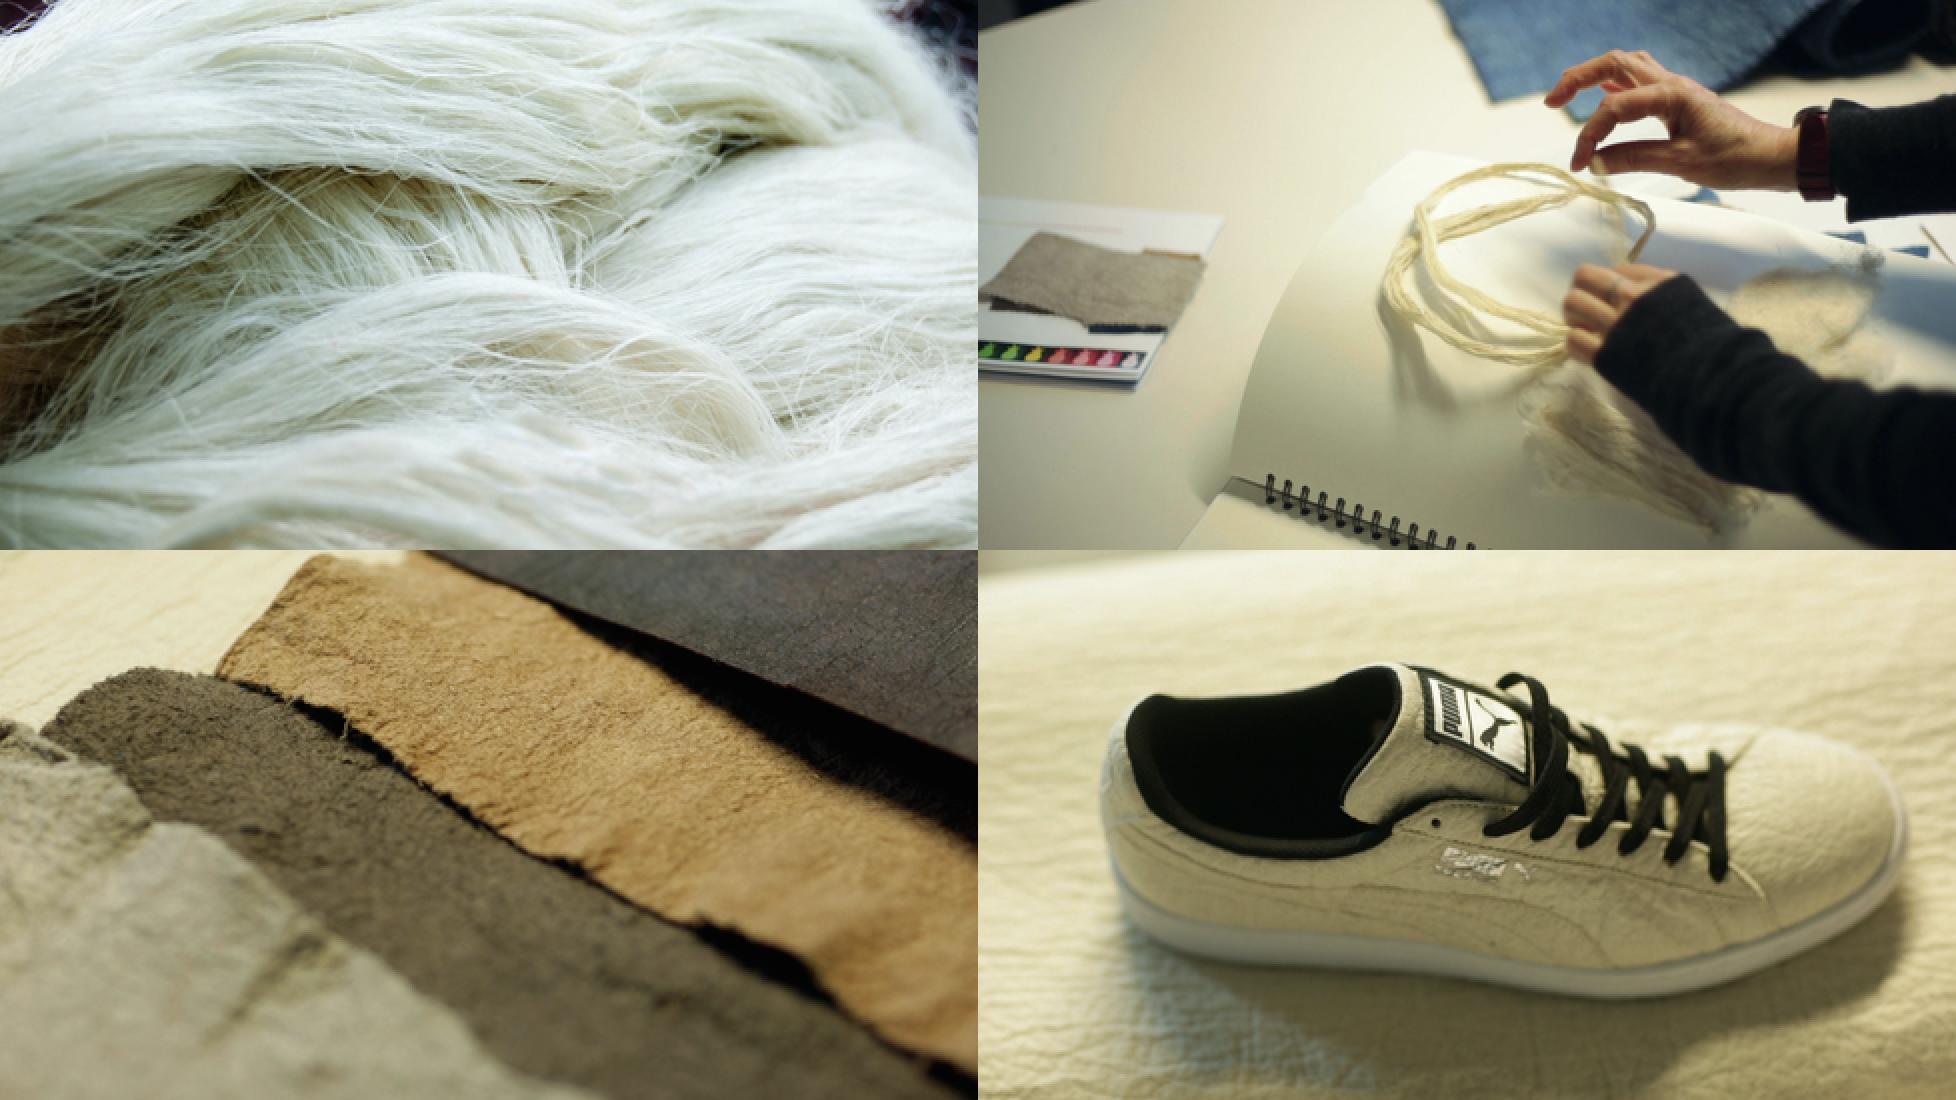 Plant Based Leather Alternative Innovators: Piñatex